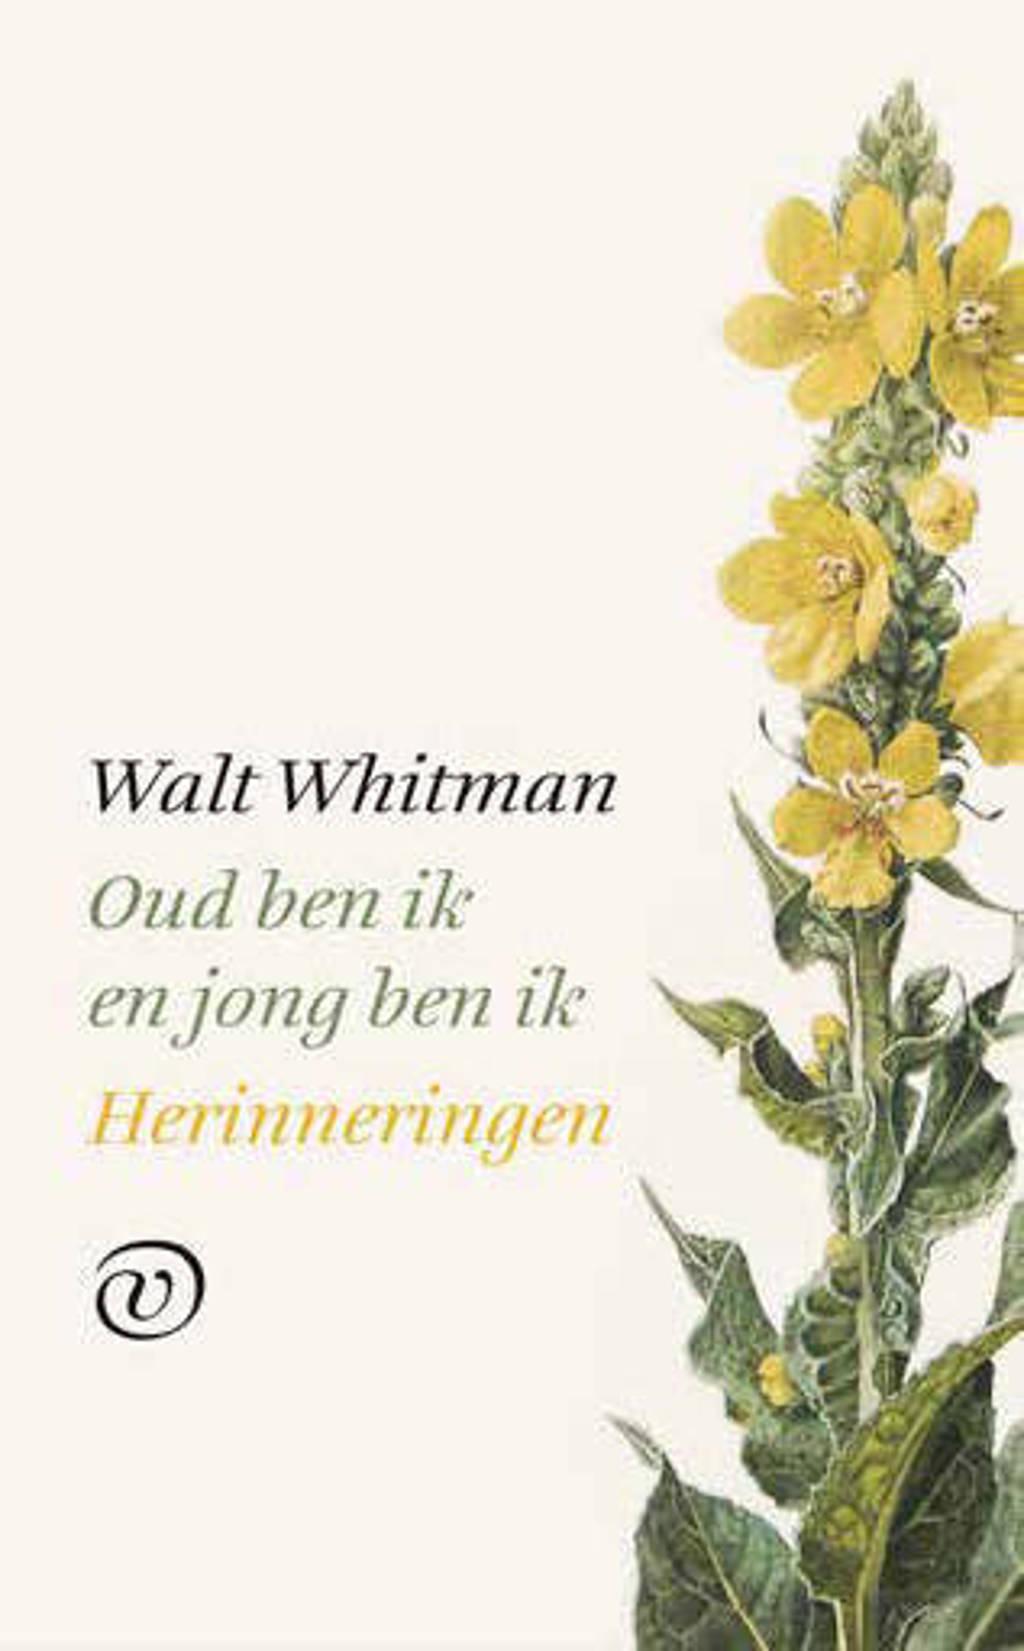 Oud ben ik en jong ben ik - Walt Whitman